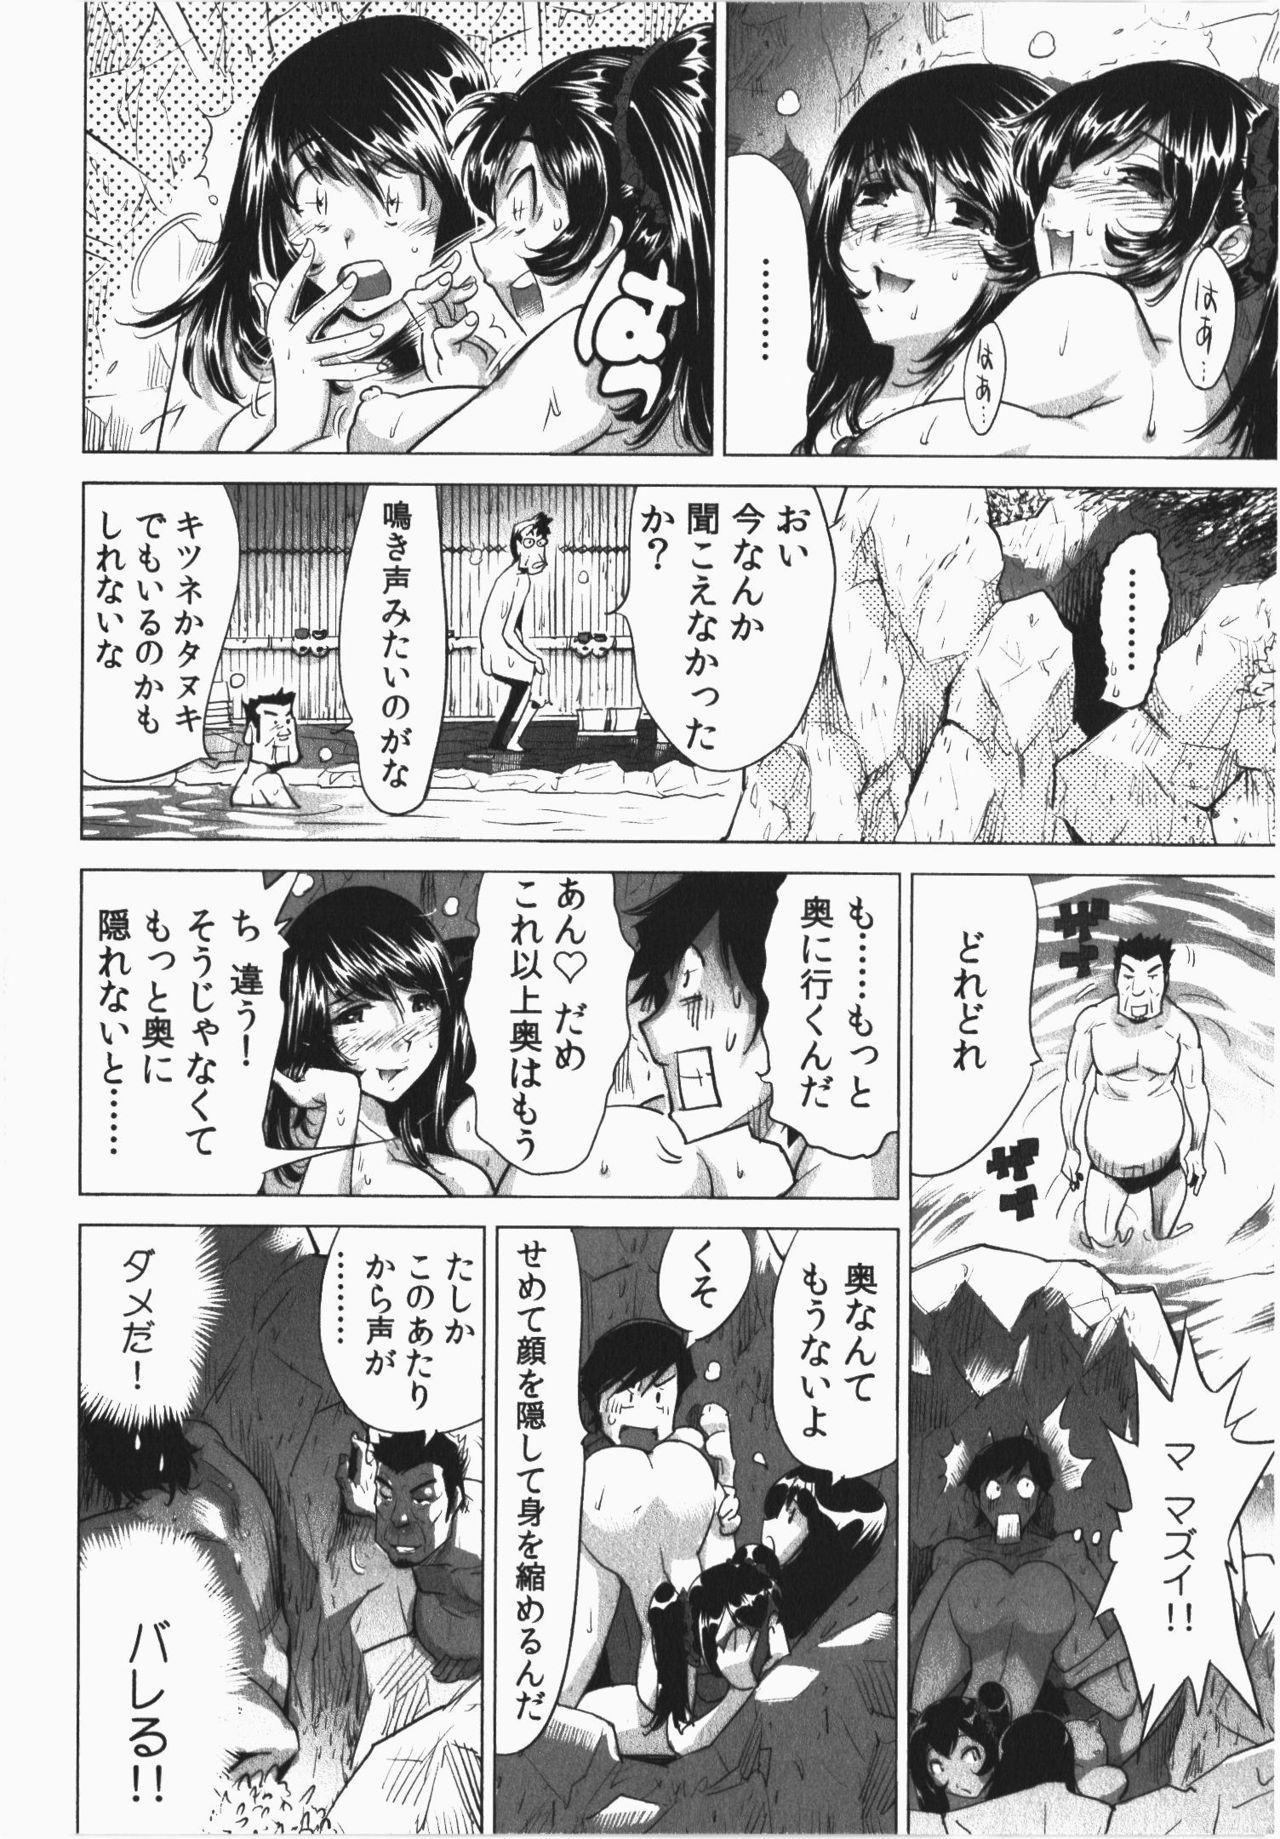 Ukkari Haicchatta! Itoko to Micchaku Game Chuu 127